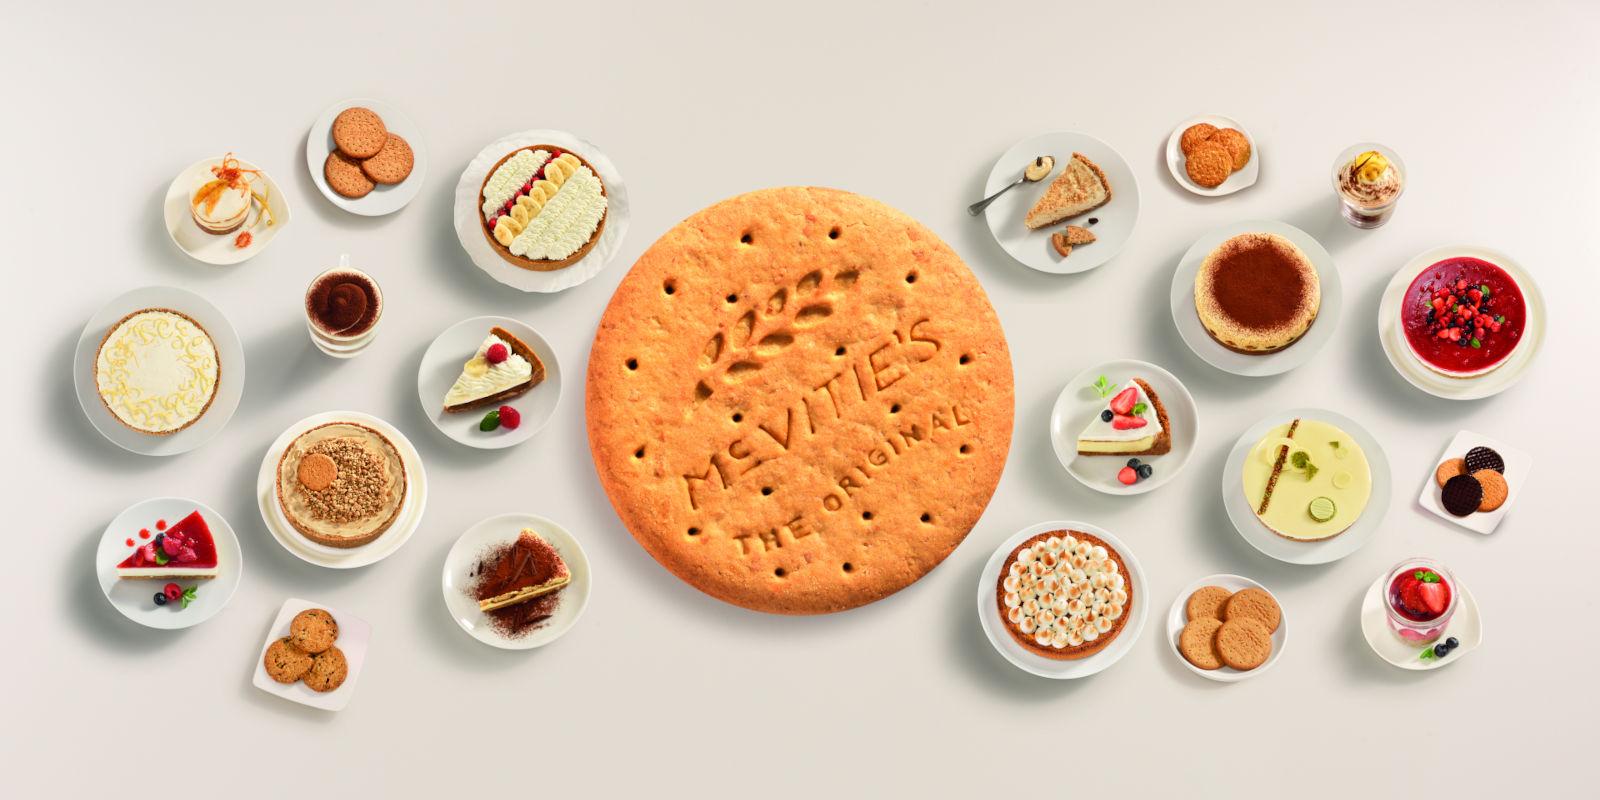 Cheesecake e altre ricette con McVitie's